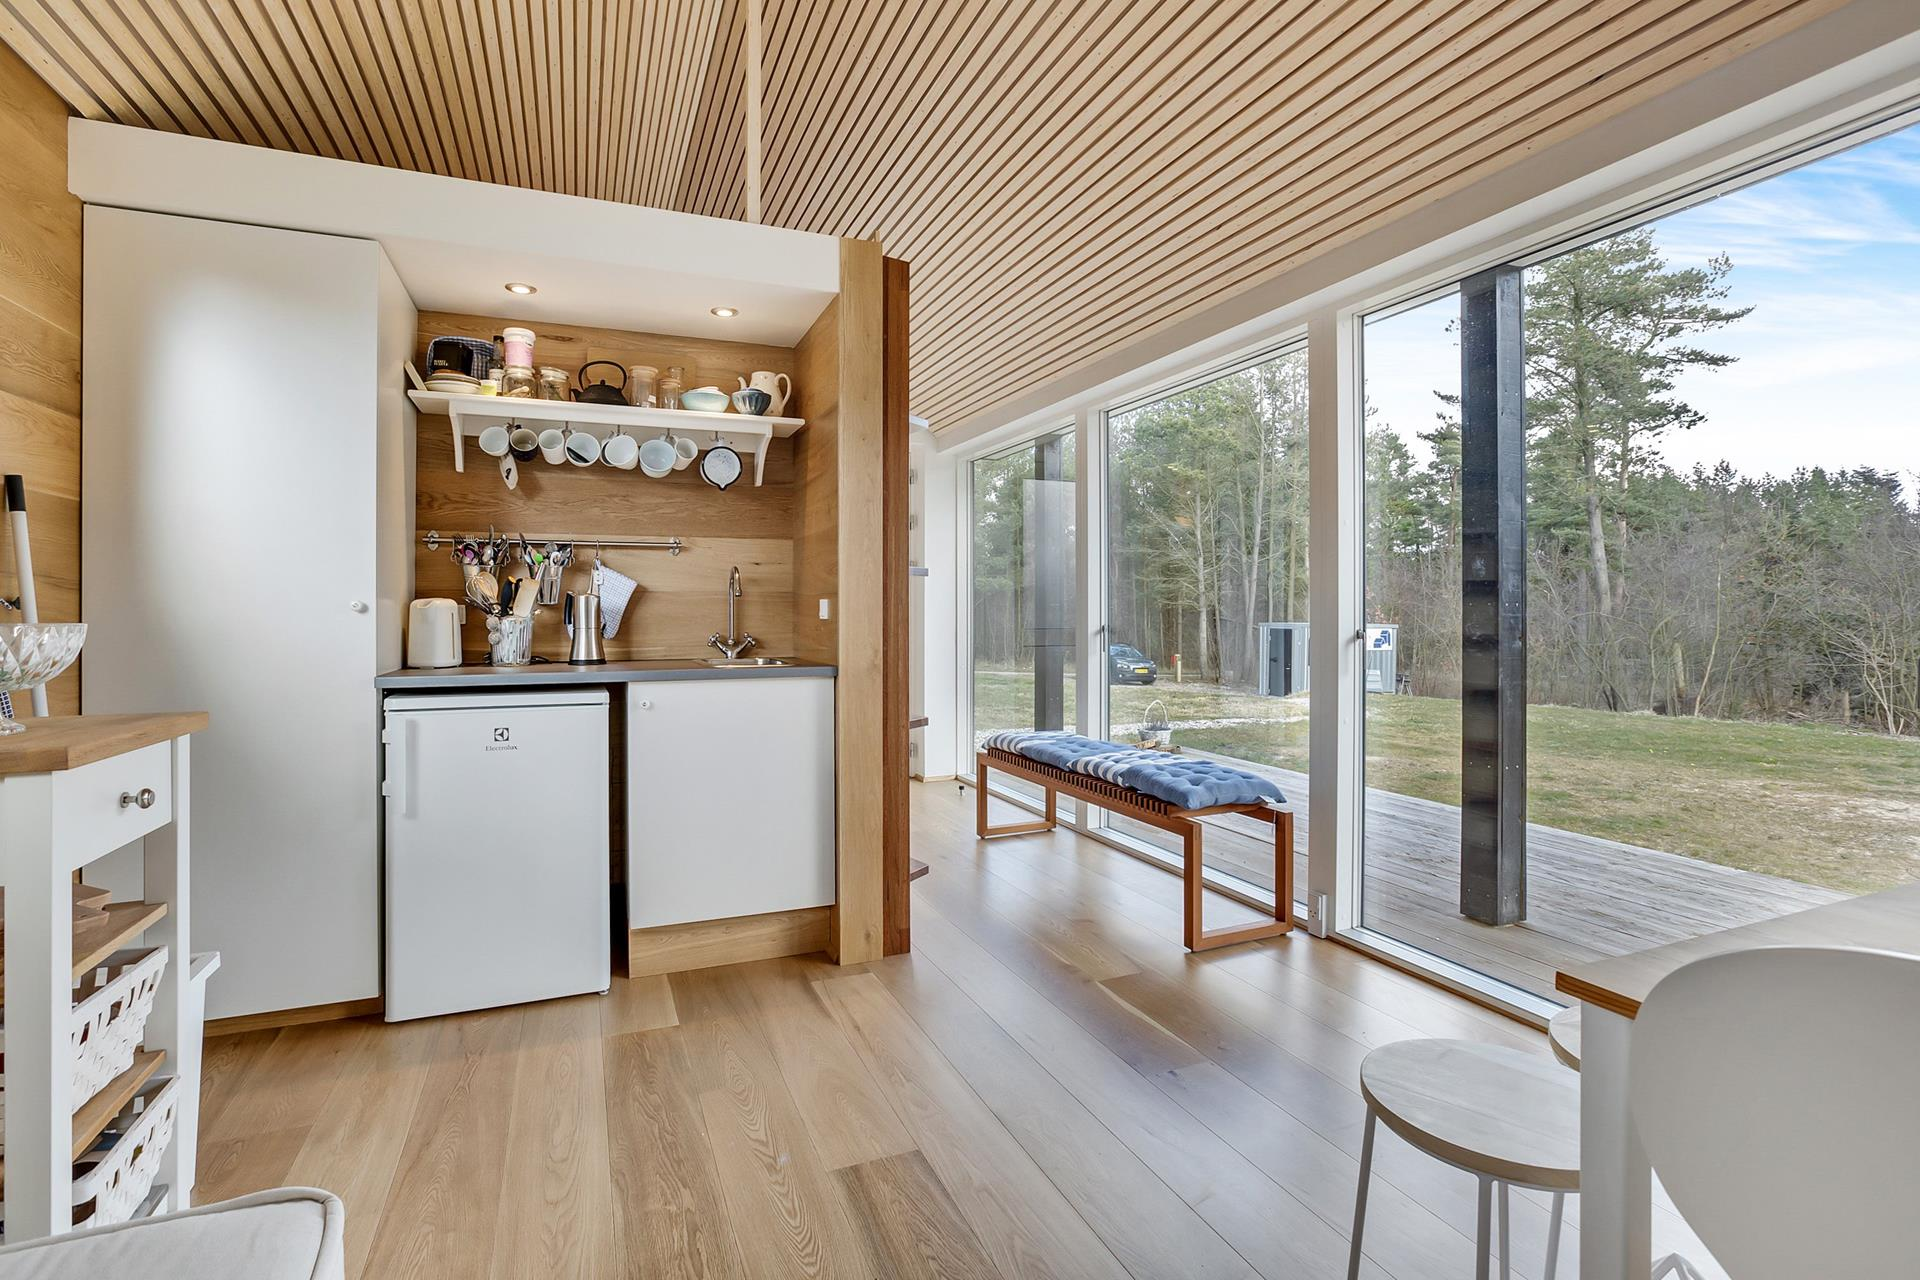 Gallery: Scandinavian Modern tiny house | Simon Steffensen | Small ...